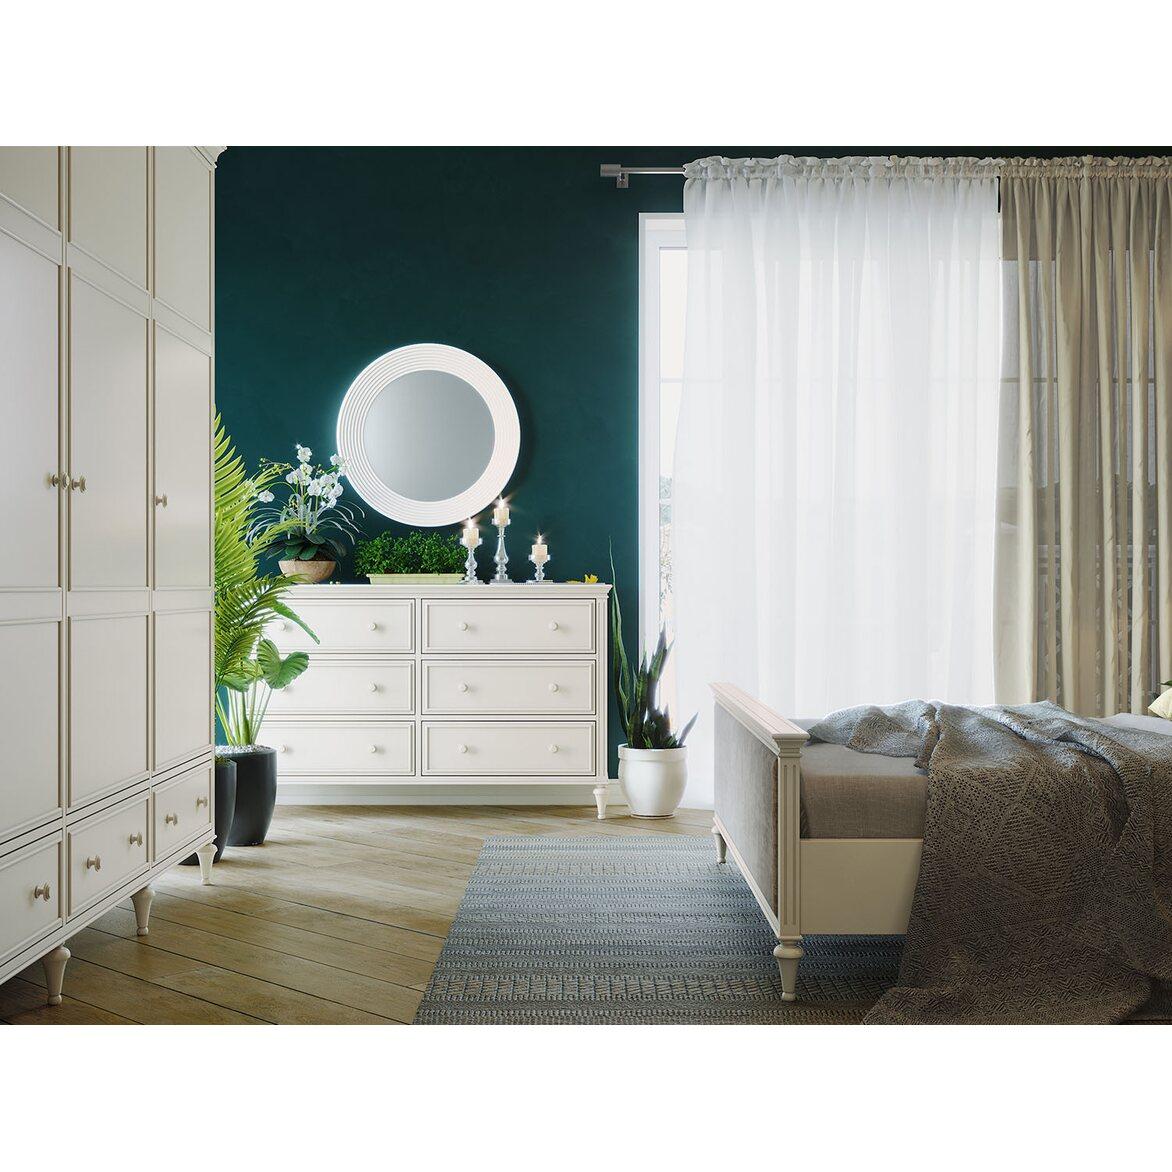 Кровать Riverdi, двуспальная, слоновая кость 4 | Двуспальные кровати Kingsby